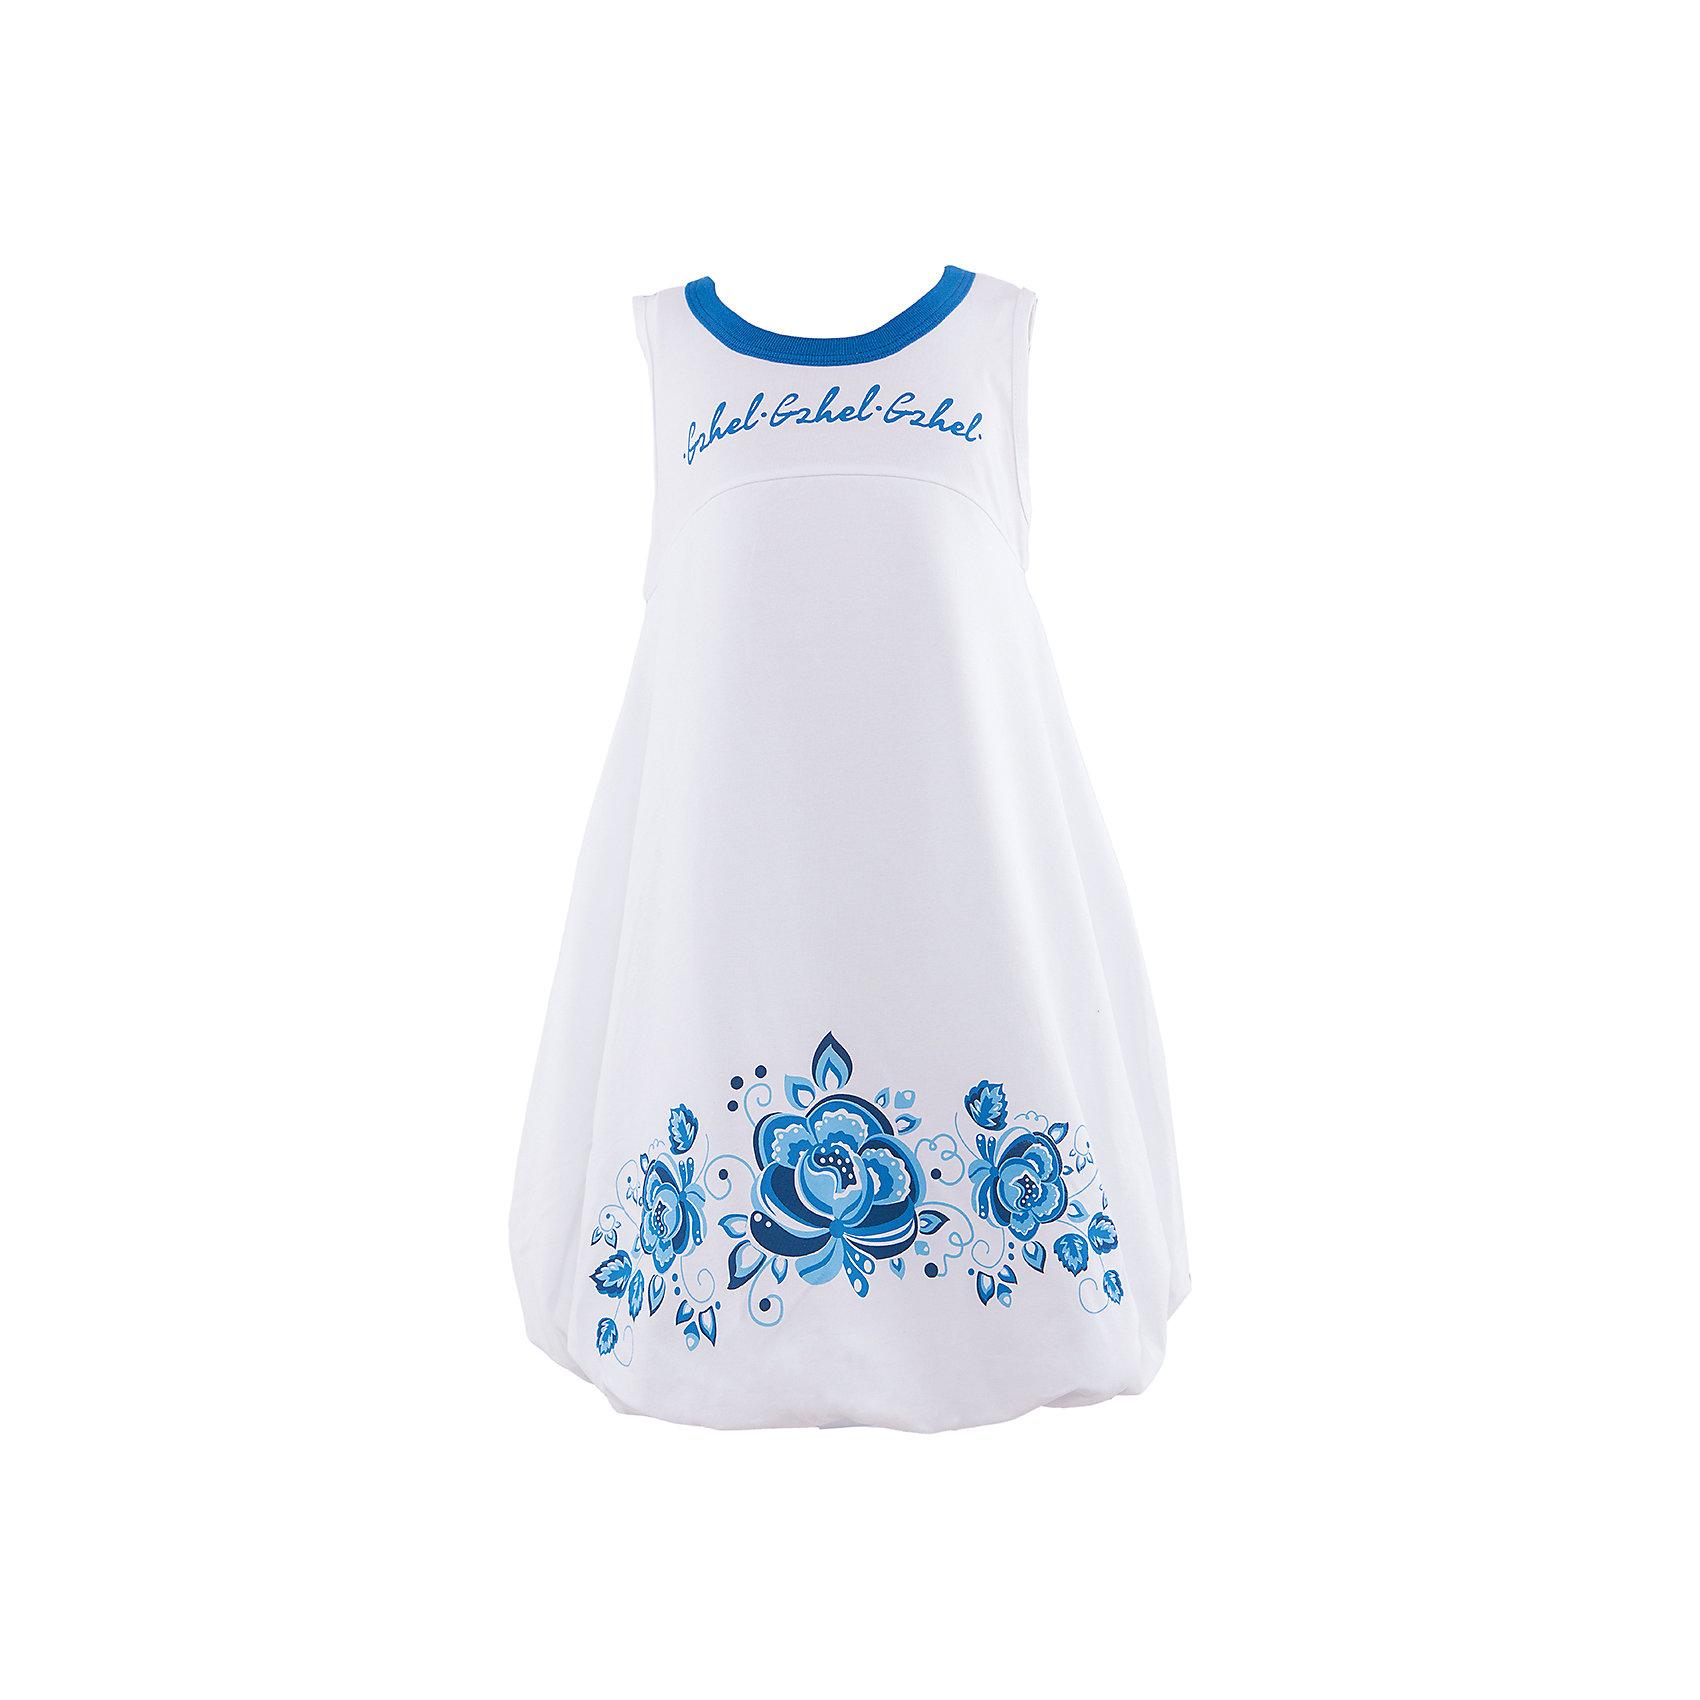 Платье АпрельПлатья и сарафаны<br>Красивое платье выполнено из мягкого, легкого полотна. Платье украшено дизайнерской печатью. Оригинальный дизайн и модная расцветка делают его незаменимым предметом детского гардероба. Состав: 92% хлопок, 8% лайкра<br><br>Ширина мм: 236<br>Глубина мм: 16<br>Высота мм: 184<br>Вес г: 177<br>Цвет: бирюзовый<br>Возраст от месяцев: 24<br>Возраст до месяцев: 36<br>Пол: Женский<br>Возраст: Детский<br>Размер: 98,116,104,110,122,128,92<br>SKU: 4630484